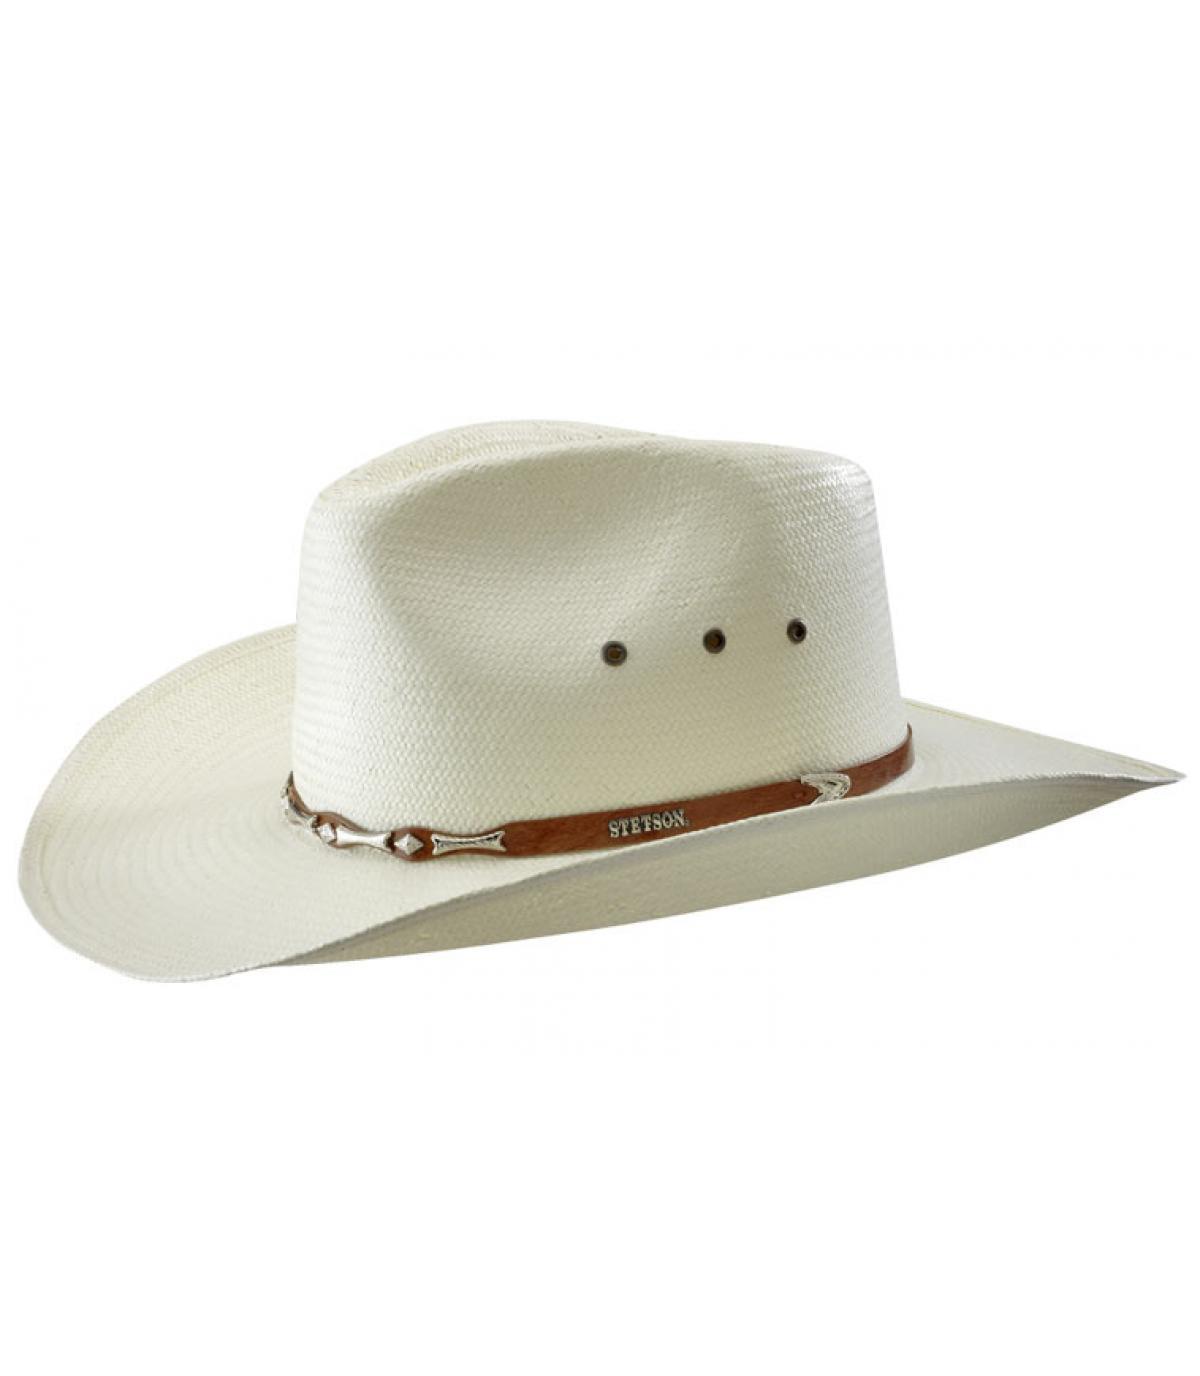 Chapeau ete cowboy